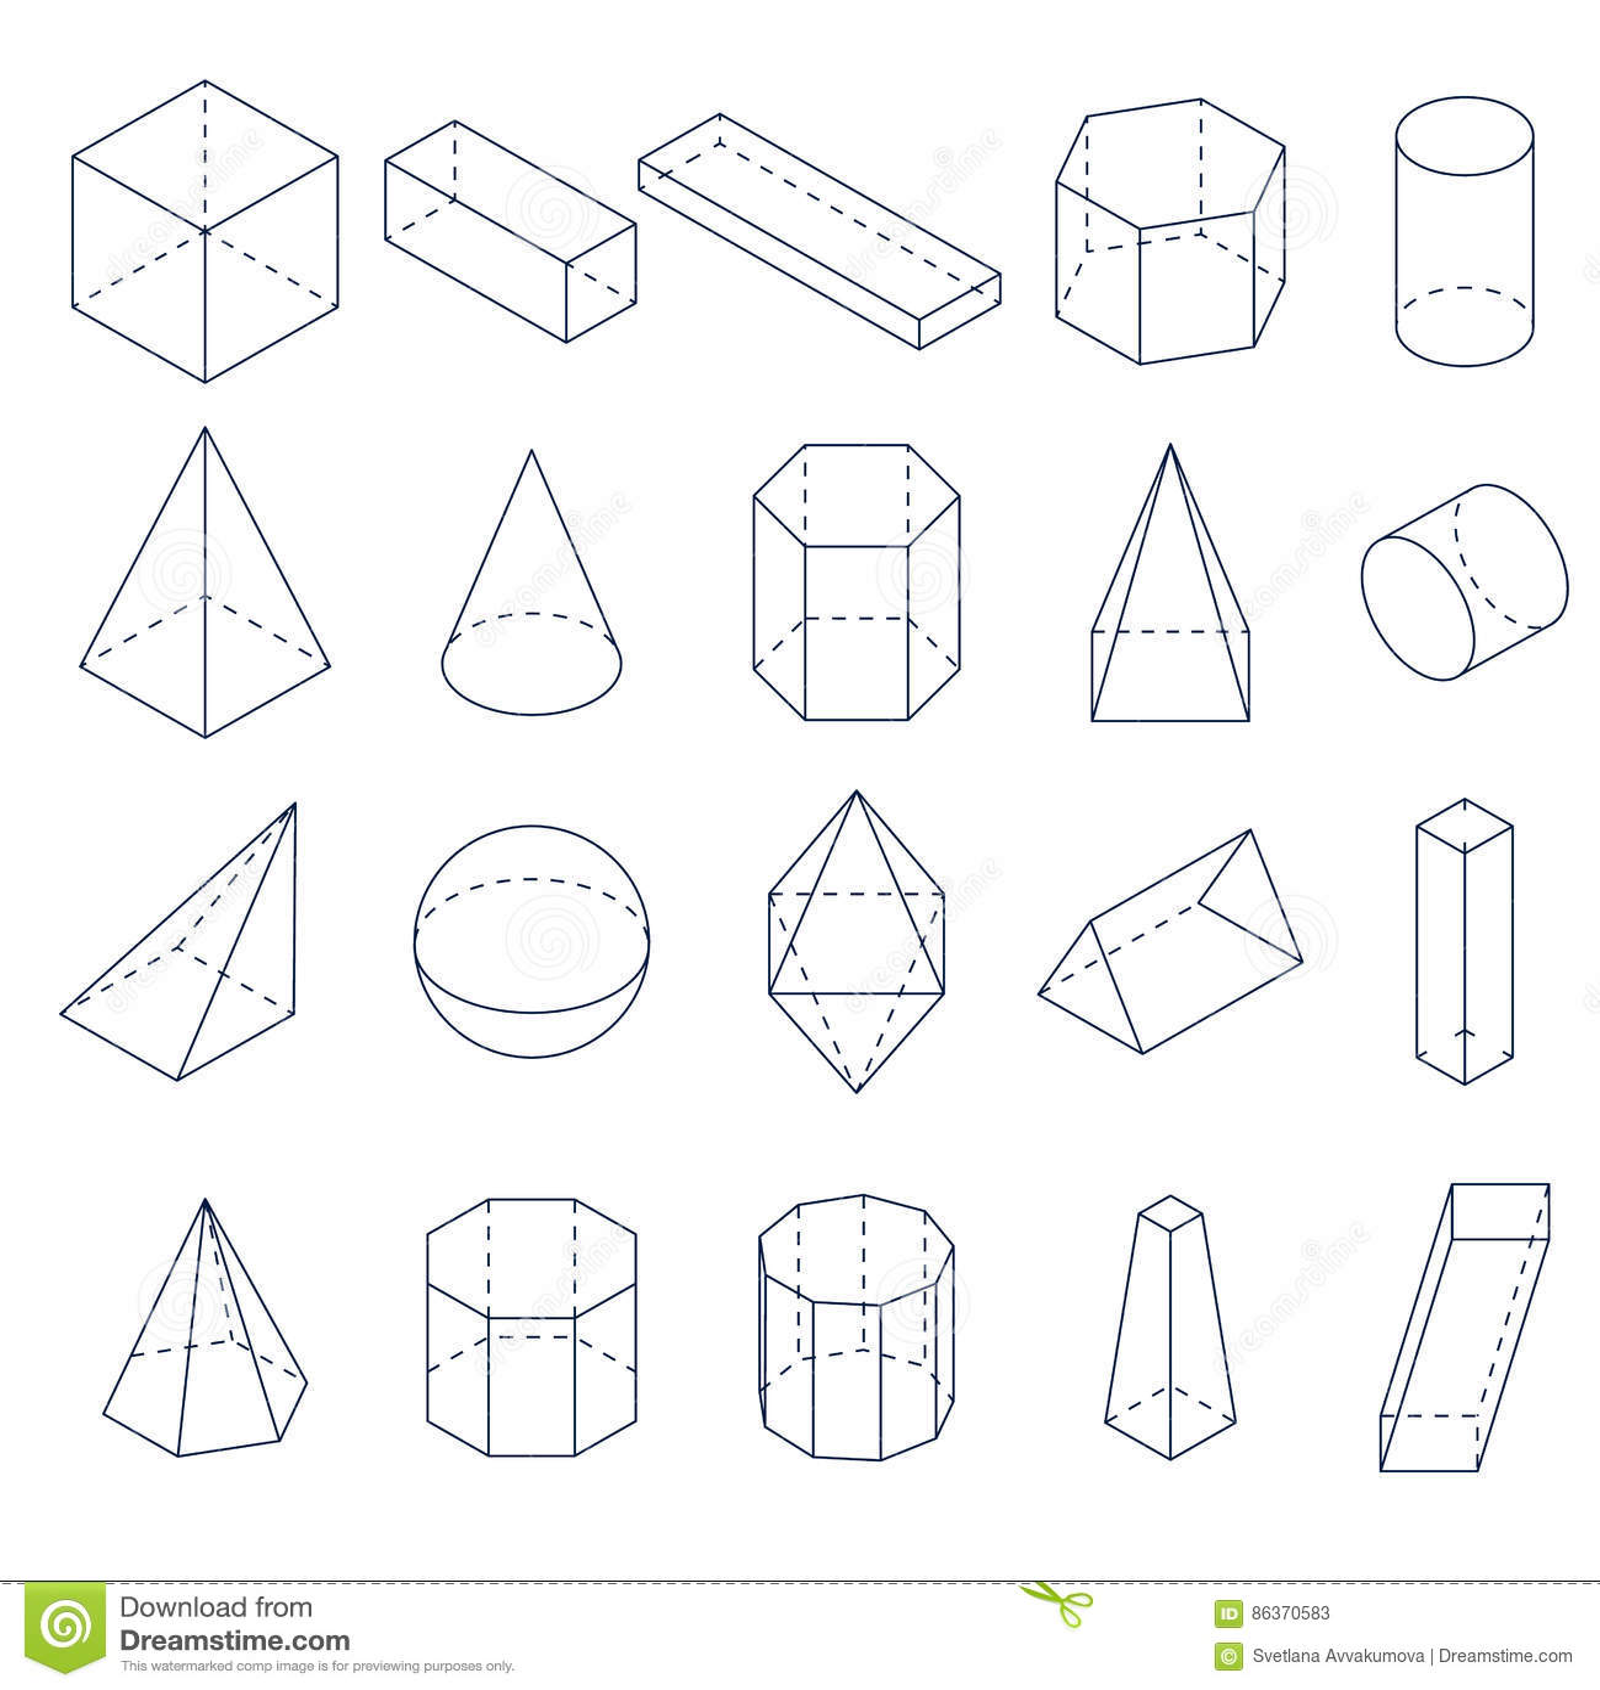 ein satz geometrische formen 3d isometrische ansichten vektor abbildung illustration von. Black Bedroom Furniture Sets. Home Design Ideas